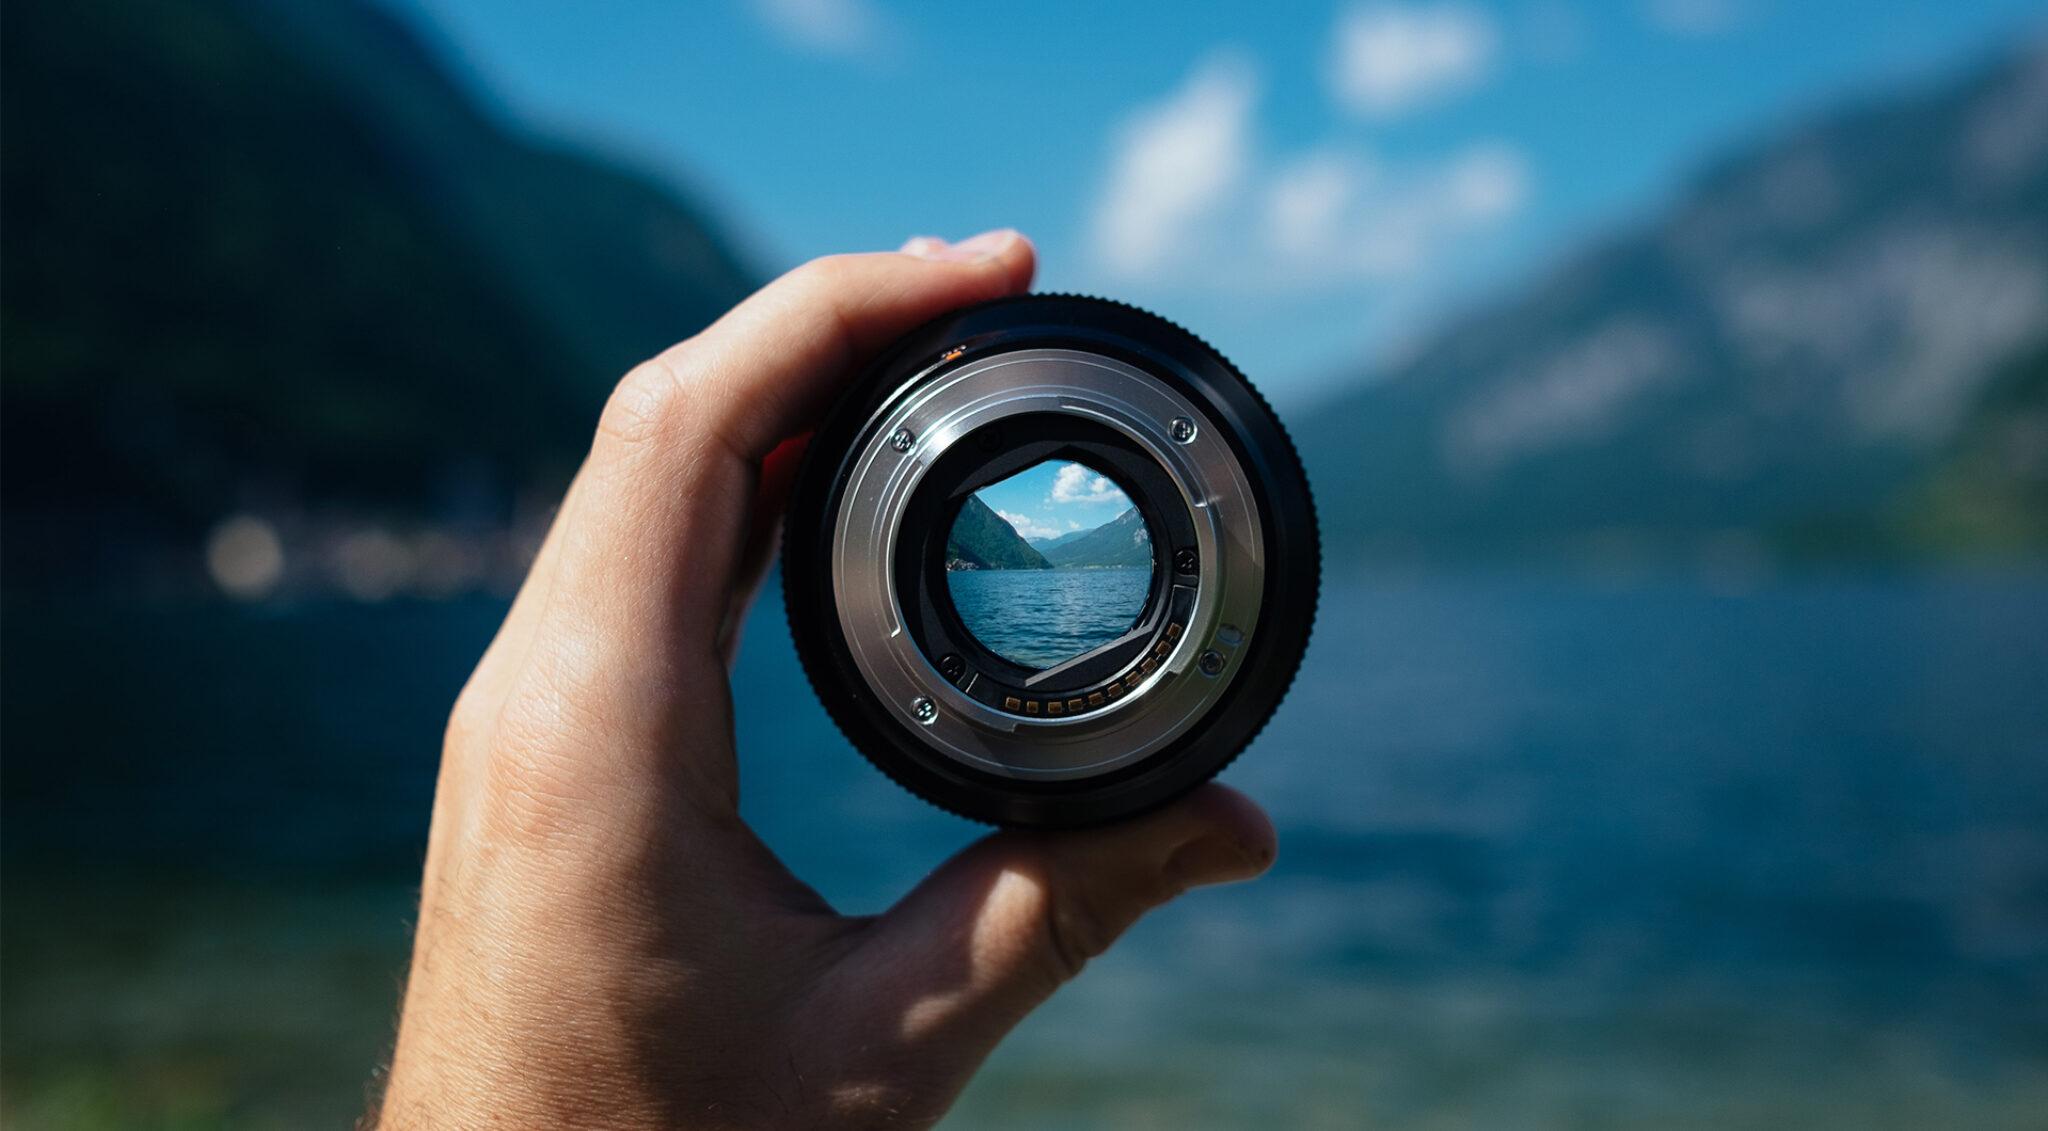 Blick in eine Kameralinse, die jemand vor einen See hält.